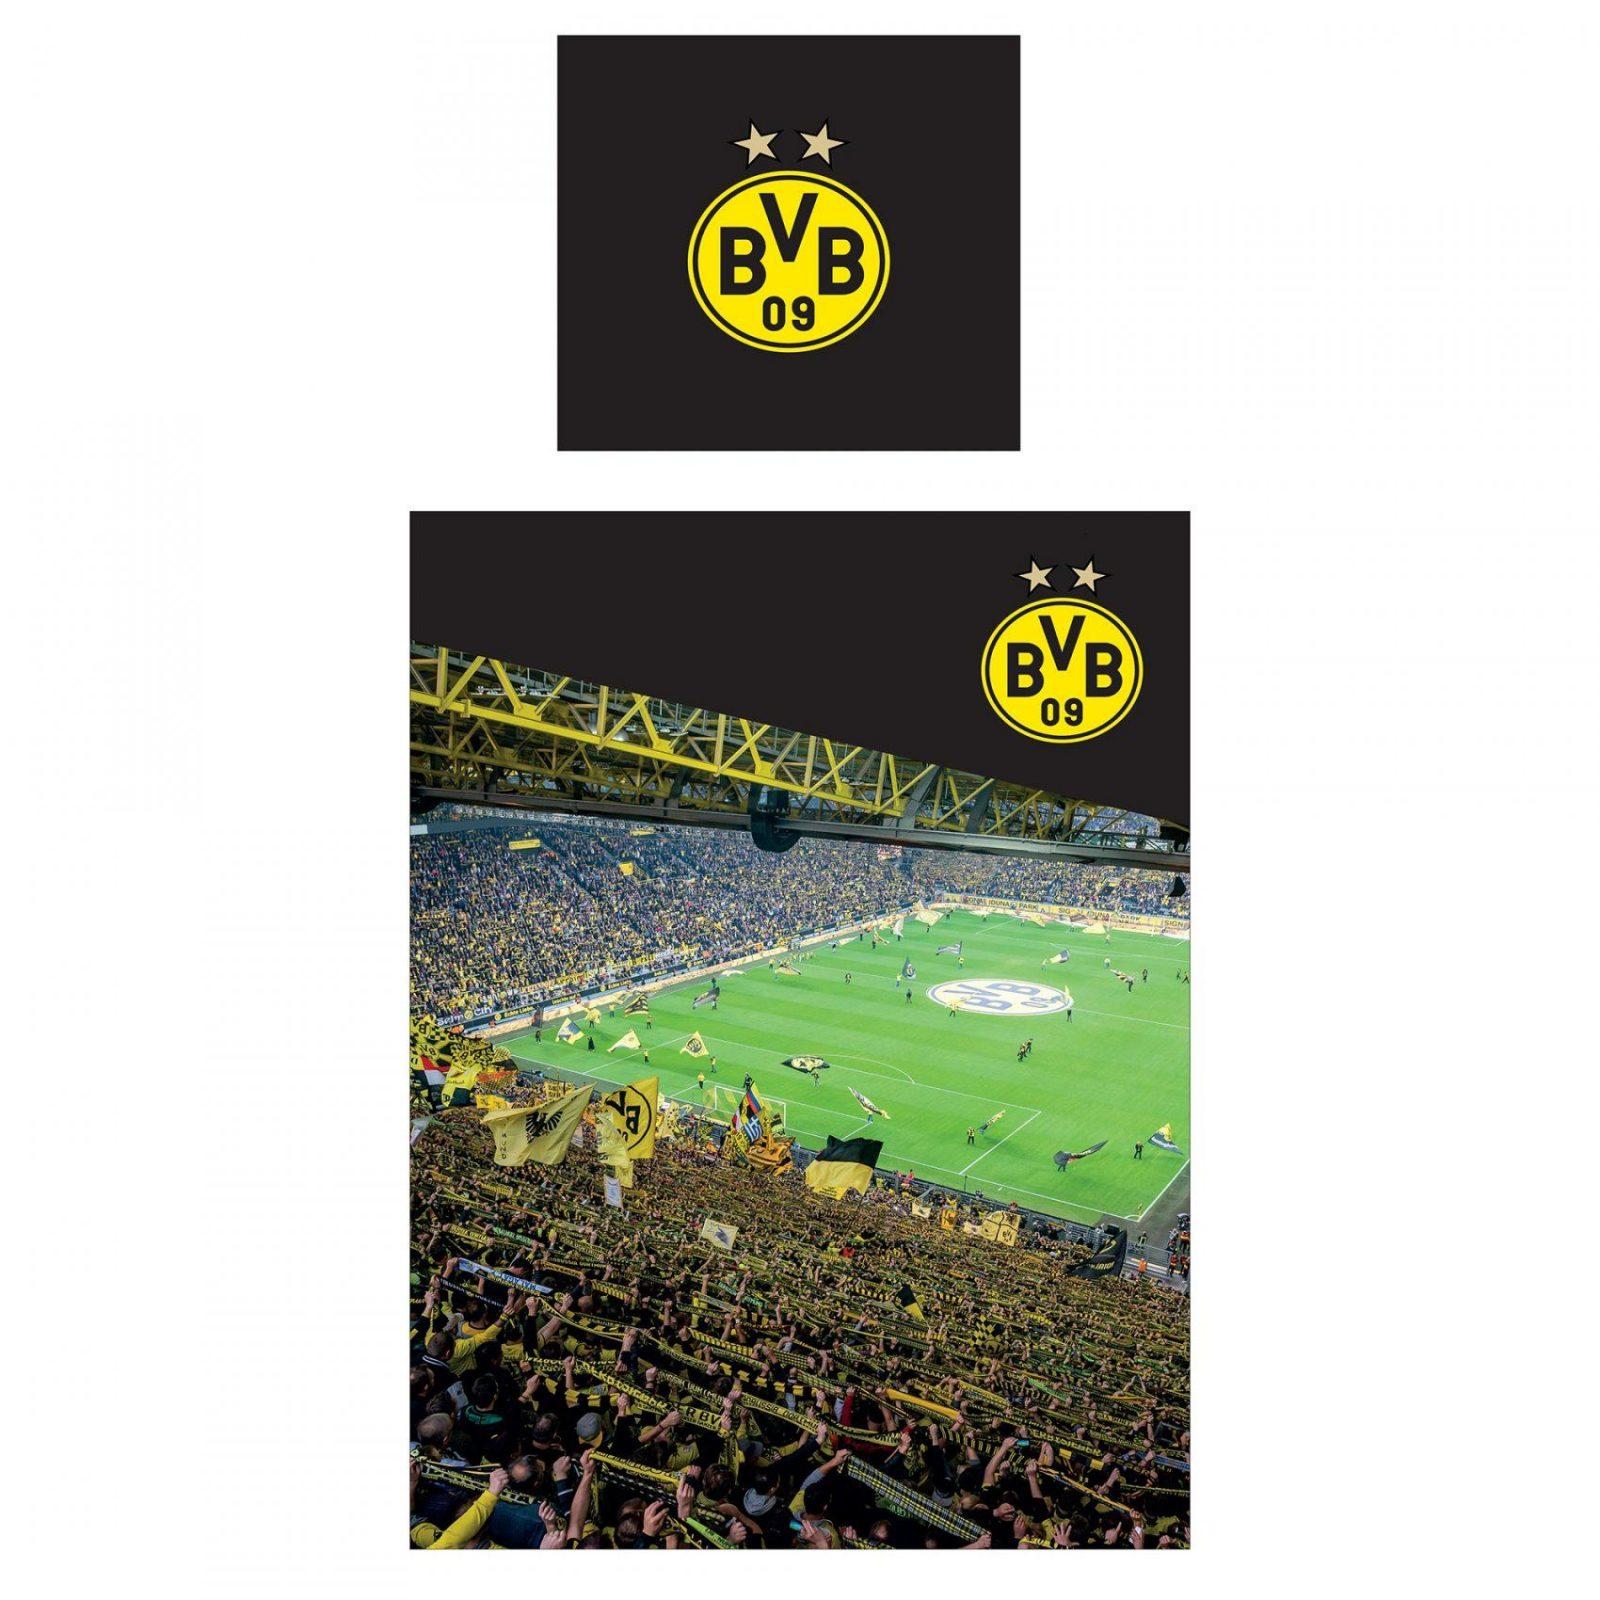 Bvb Borussia Dortmund Stadium Bedding Set 135 X 200Cm 4026649140750 von Bvb Bettwäsche Real Photo